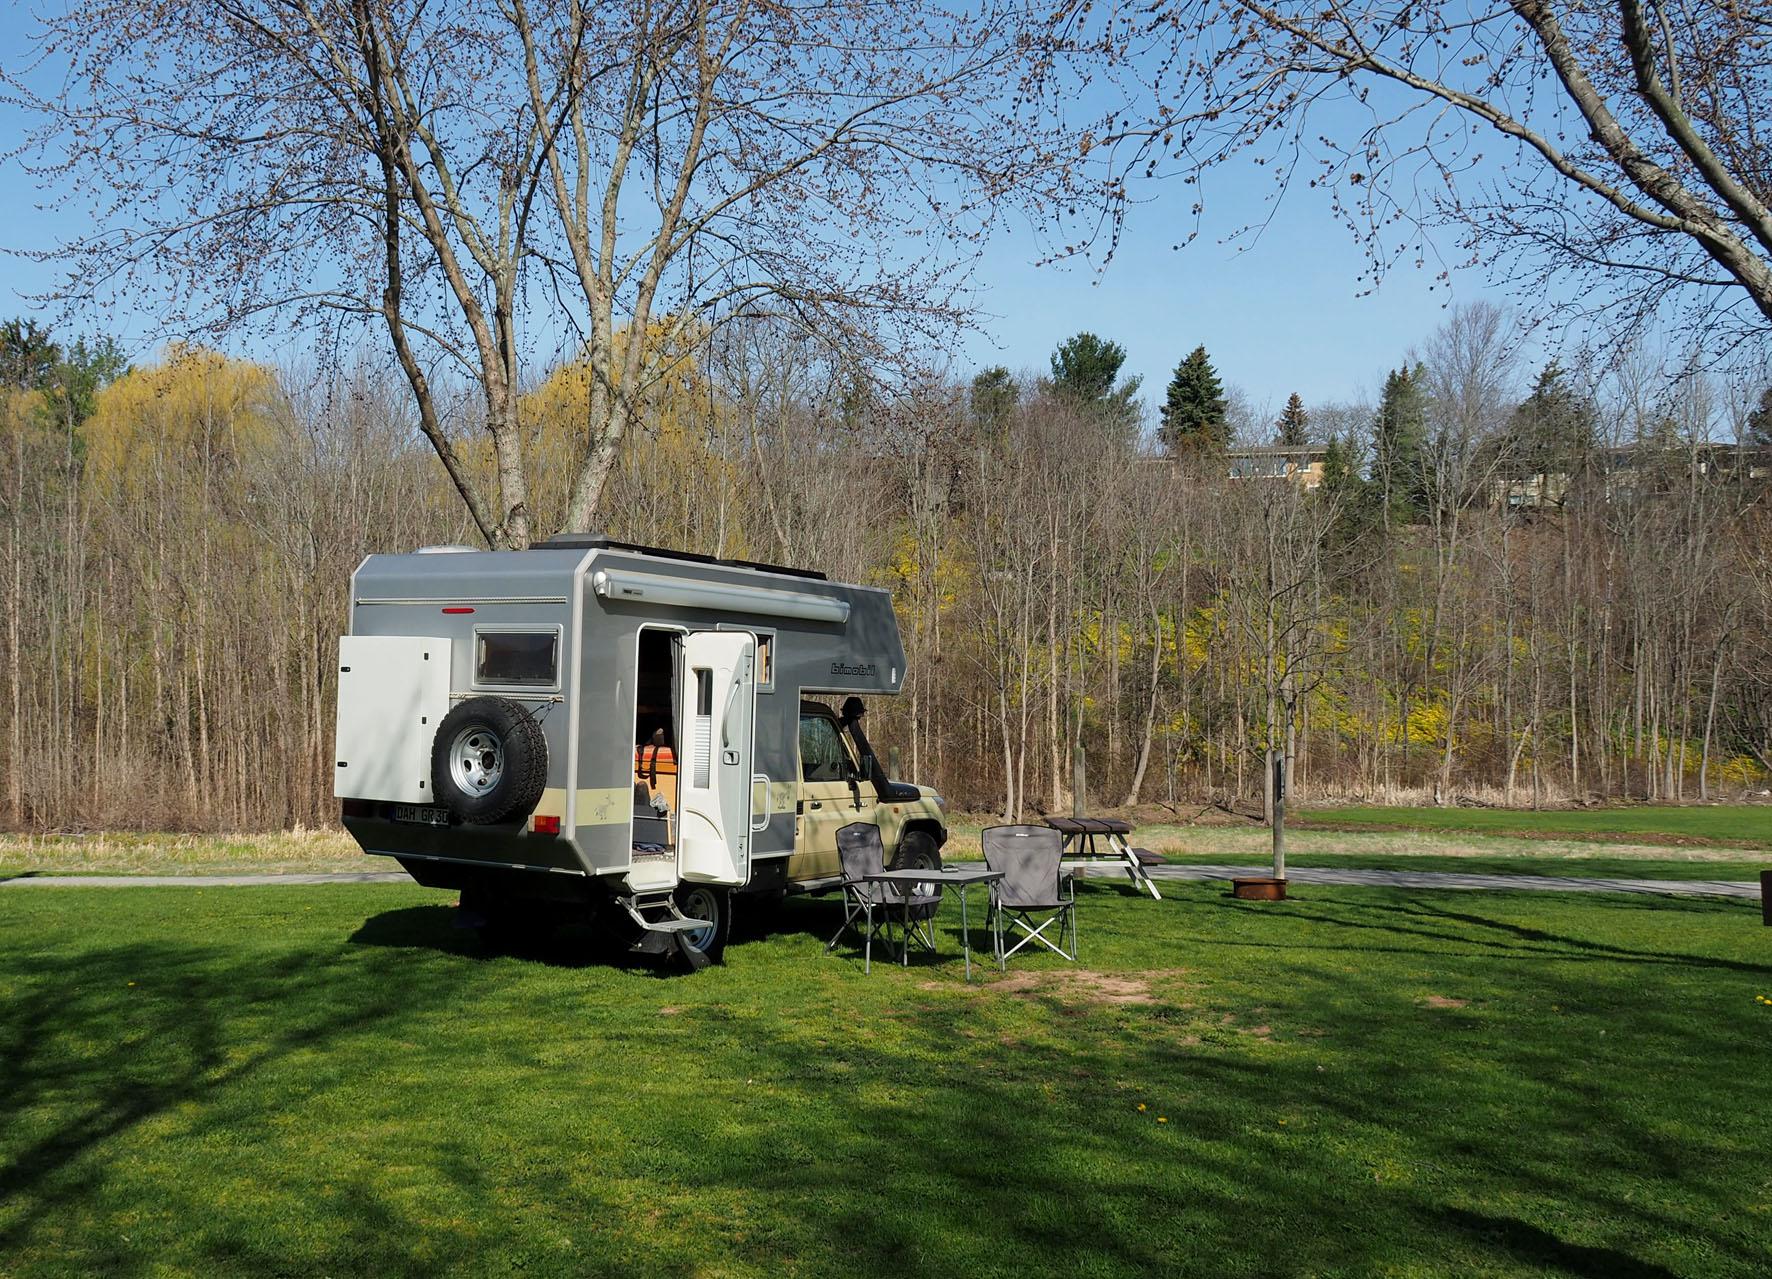 ein Hauch von Frühling im Mikroklima der Niagara Falls